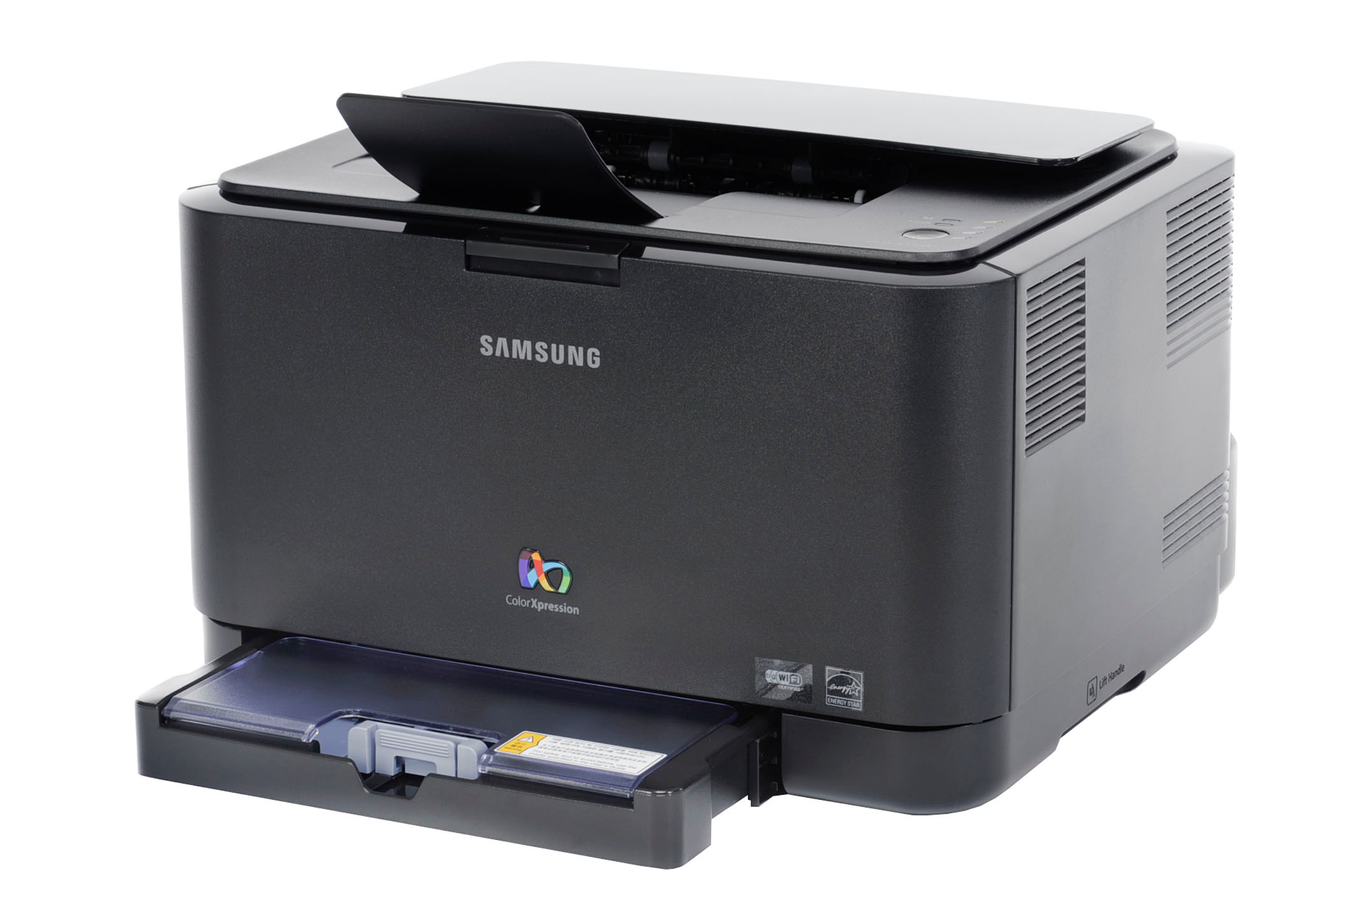 imprimante laser samsung clp 315w see 3321916 darty. Black Bedroom Furniture Sets. Home Design Ideas